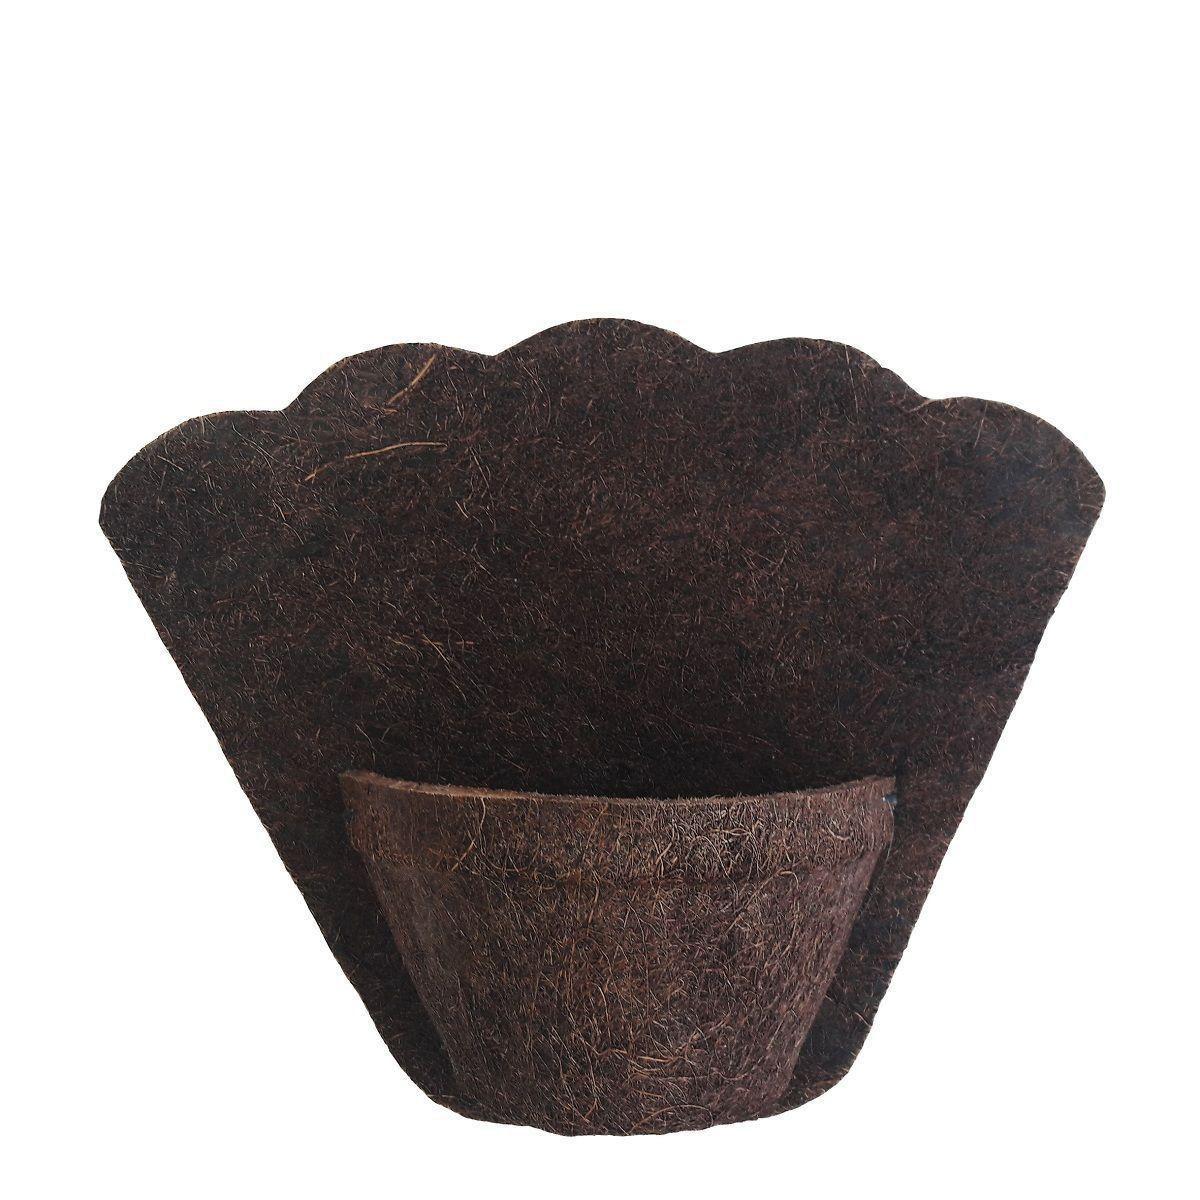 Vaso de Parede Placa Onda 26cm x 32cm Nº 10 COQUIM